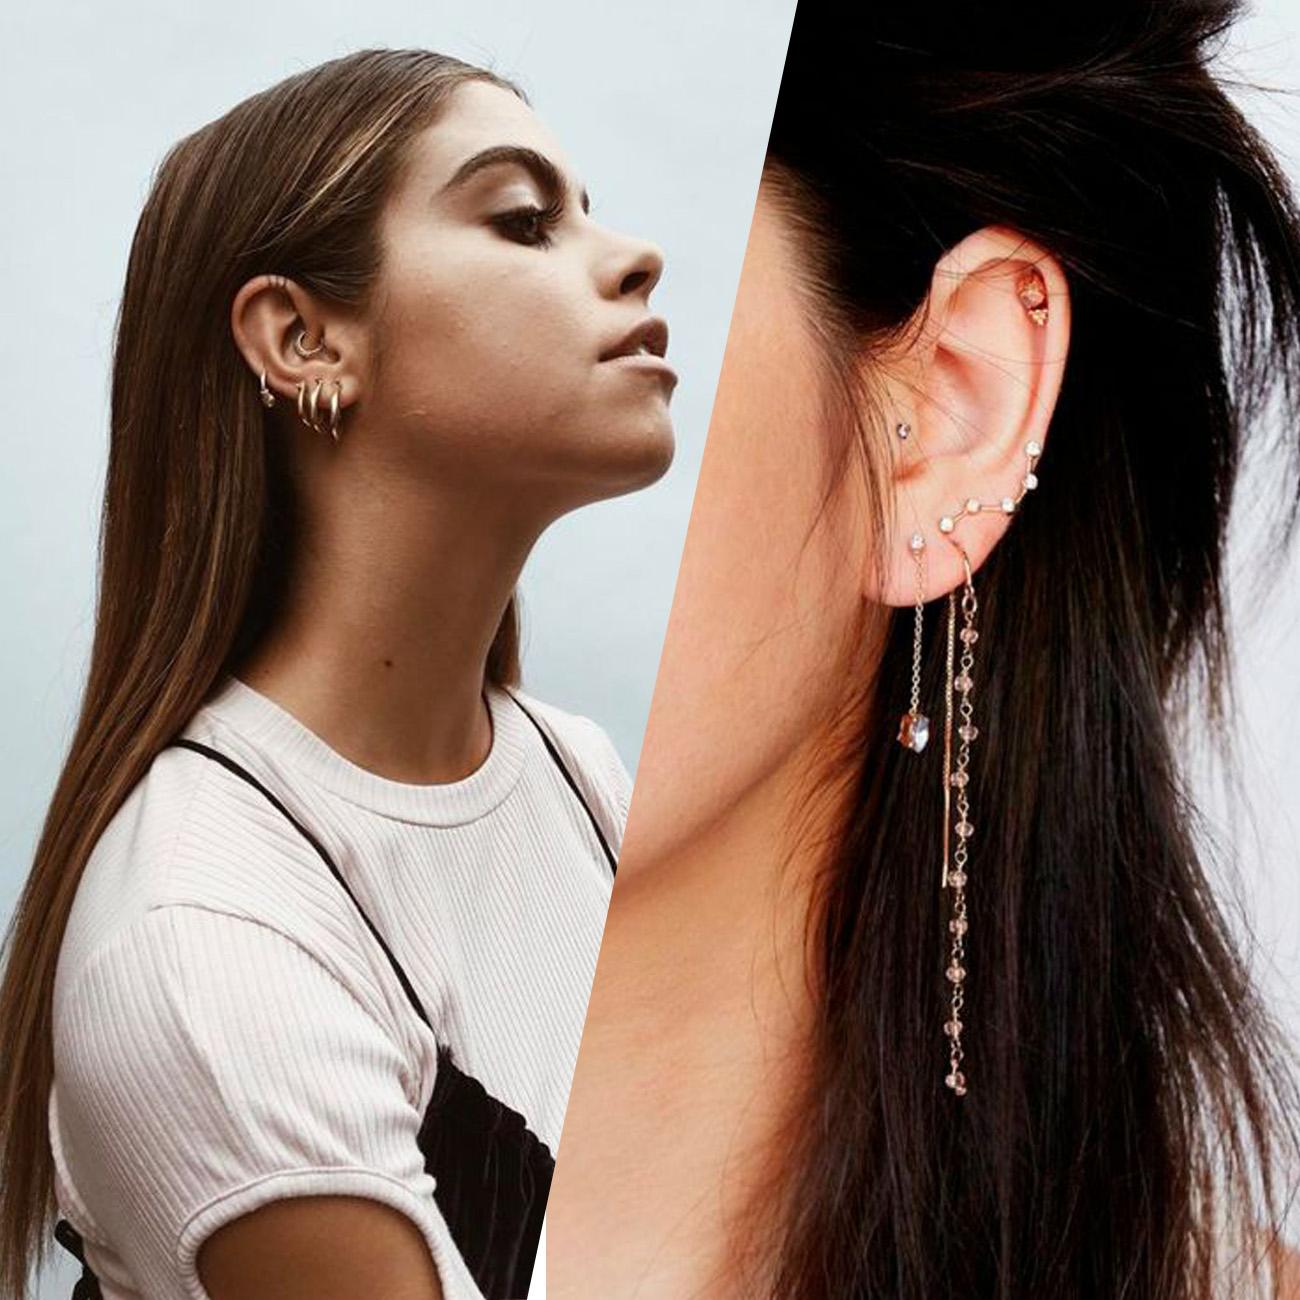 Piercing d'oreille : 30 idées de piercings à porter : Album photo - aufeminin